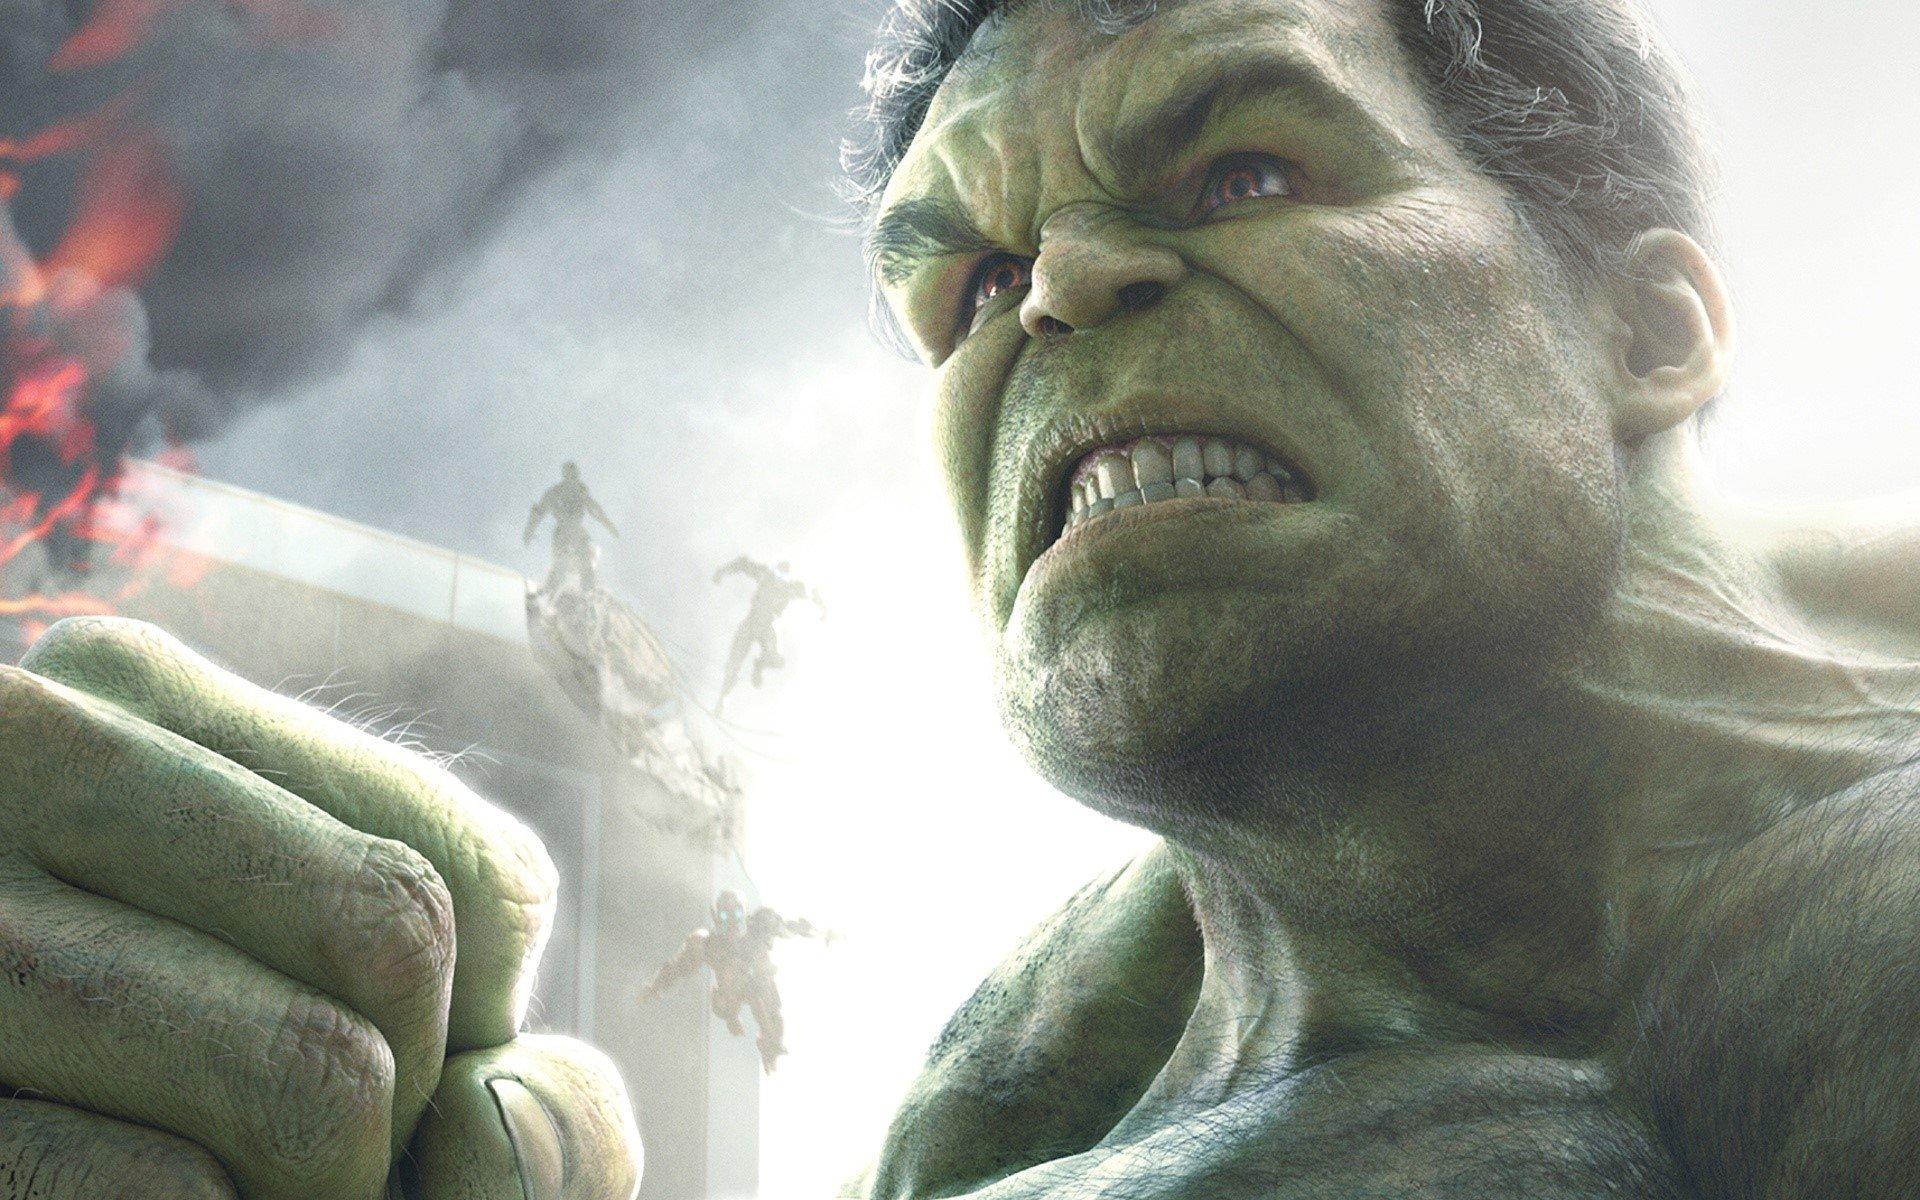 Fondos de pantalla Hulk en Avengers Era de Ultron